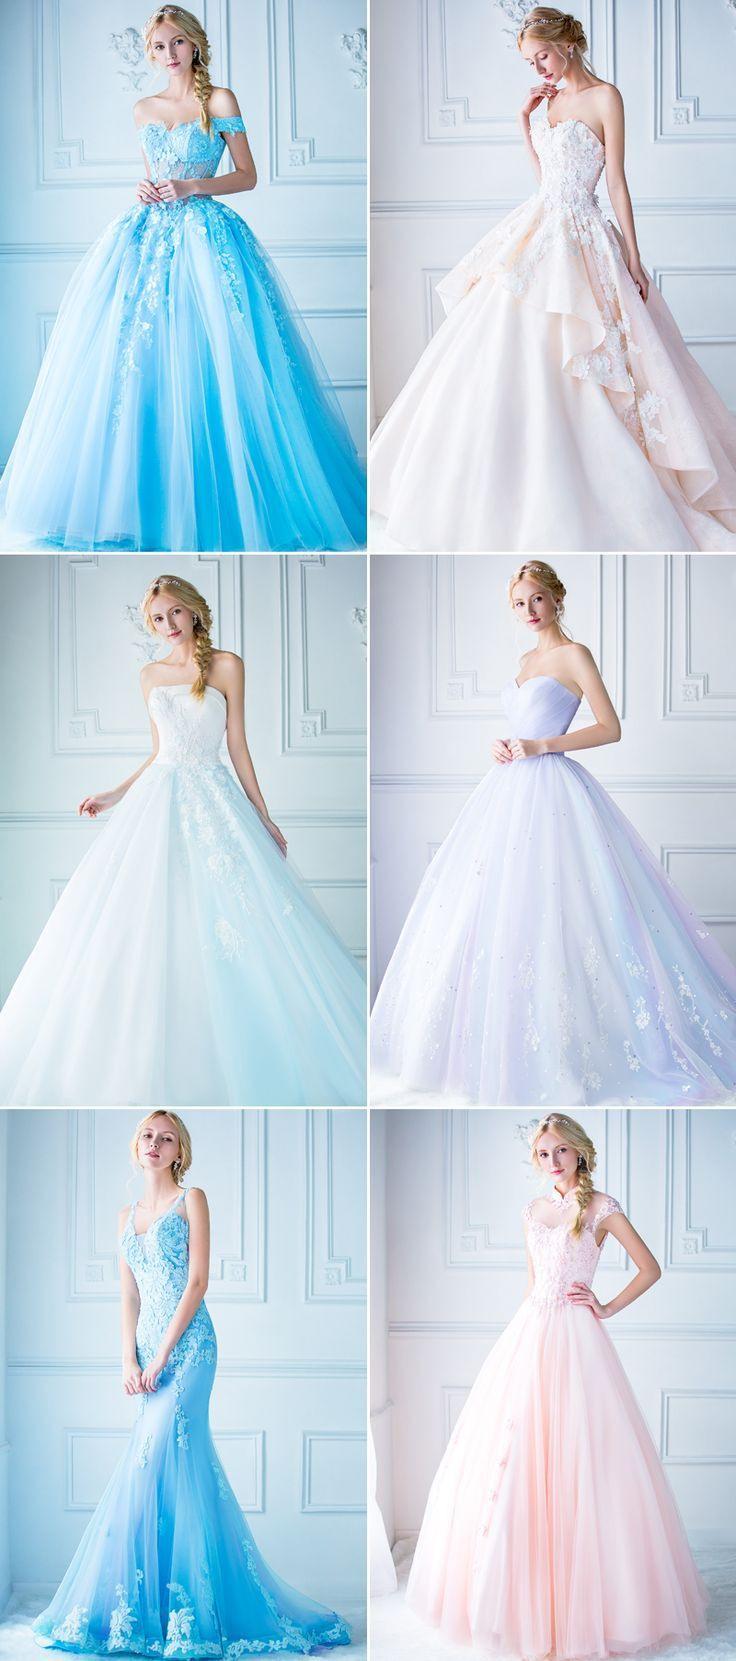 42 Wundervoll Romantisch Schöne Prinzessin Kleider Für